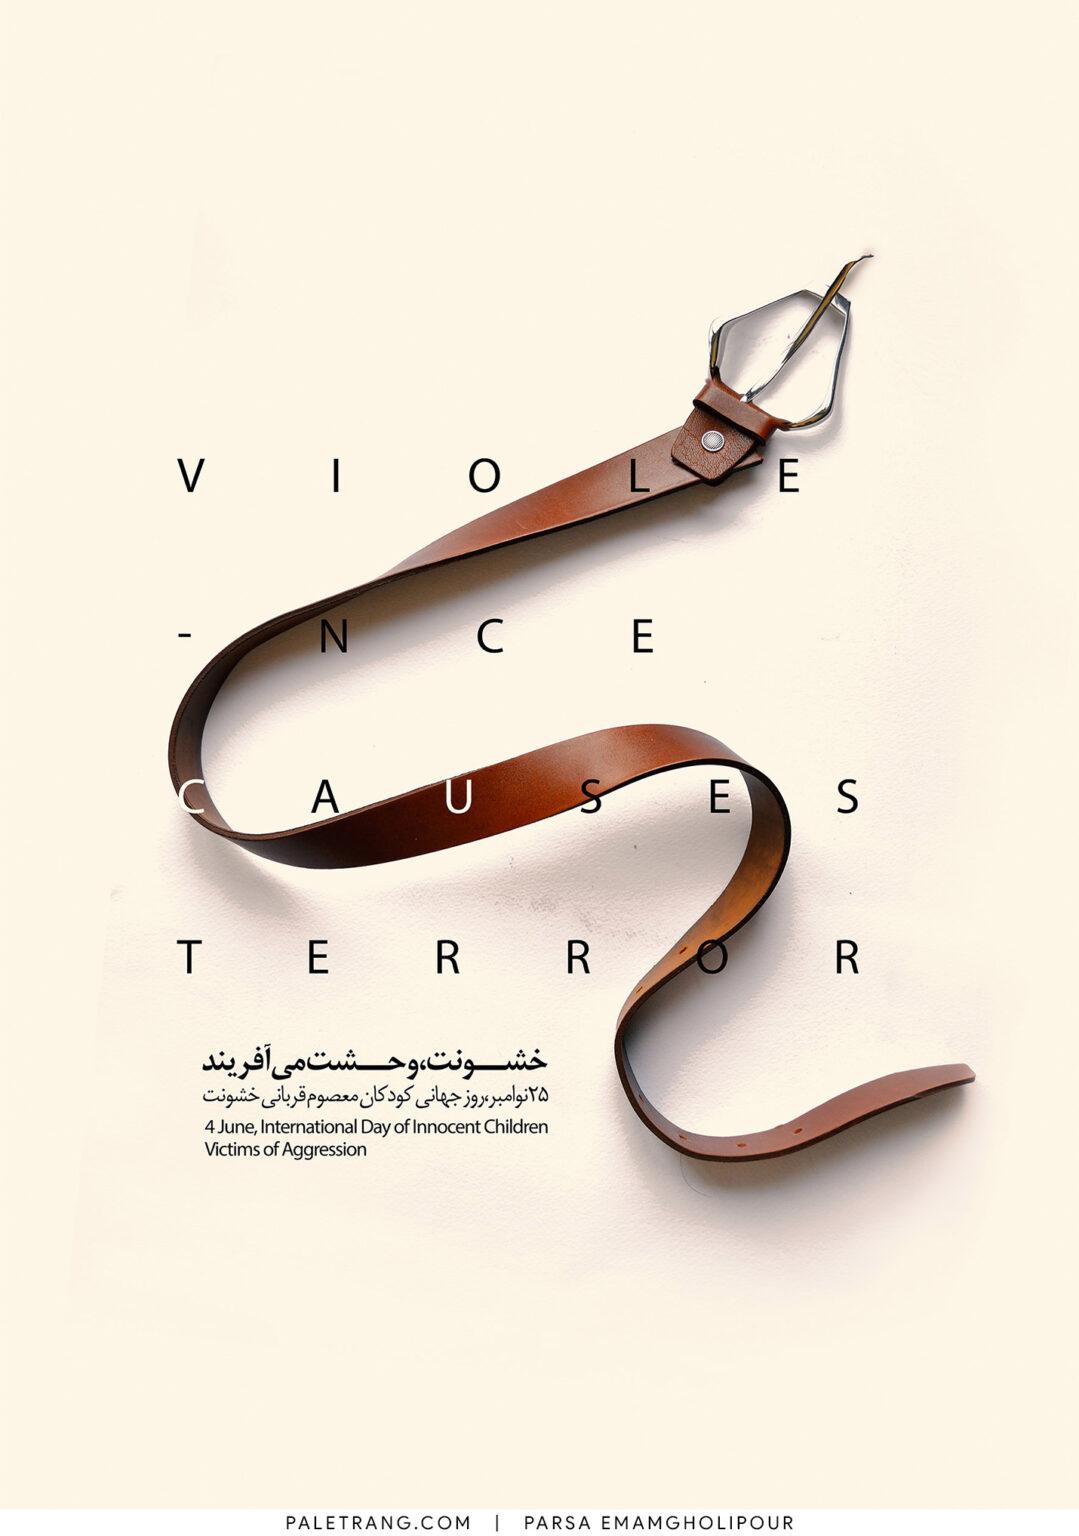 پوستر خشونت، وحشت می آفریند اثر پارسا امامقلی پور